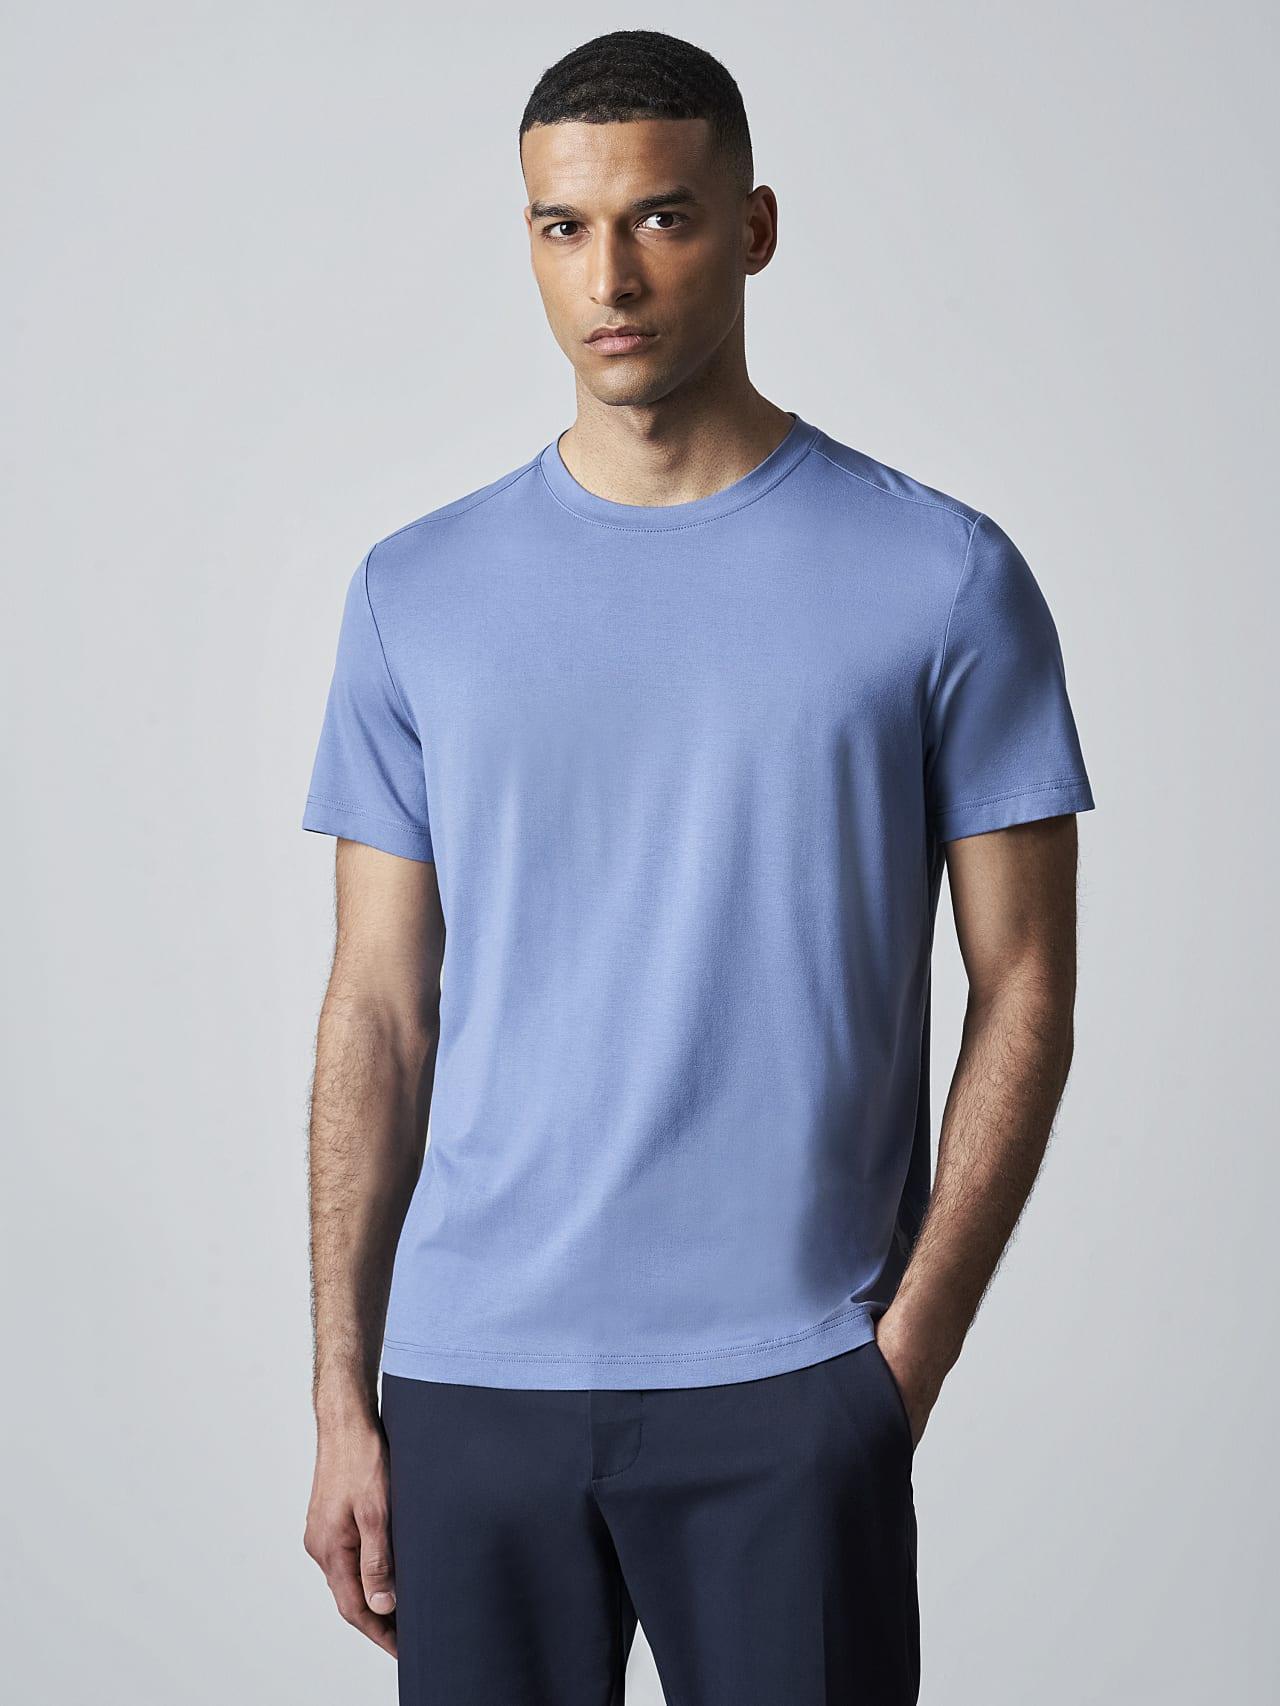 JANUE V1.Y5.02 Viscose T-Shirt light blue Model shot Alpha Tauri